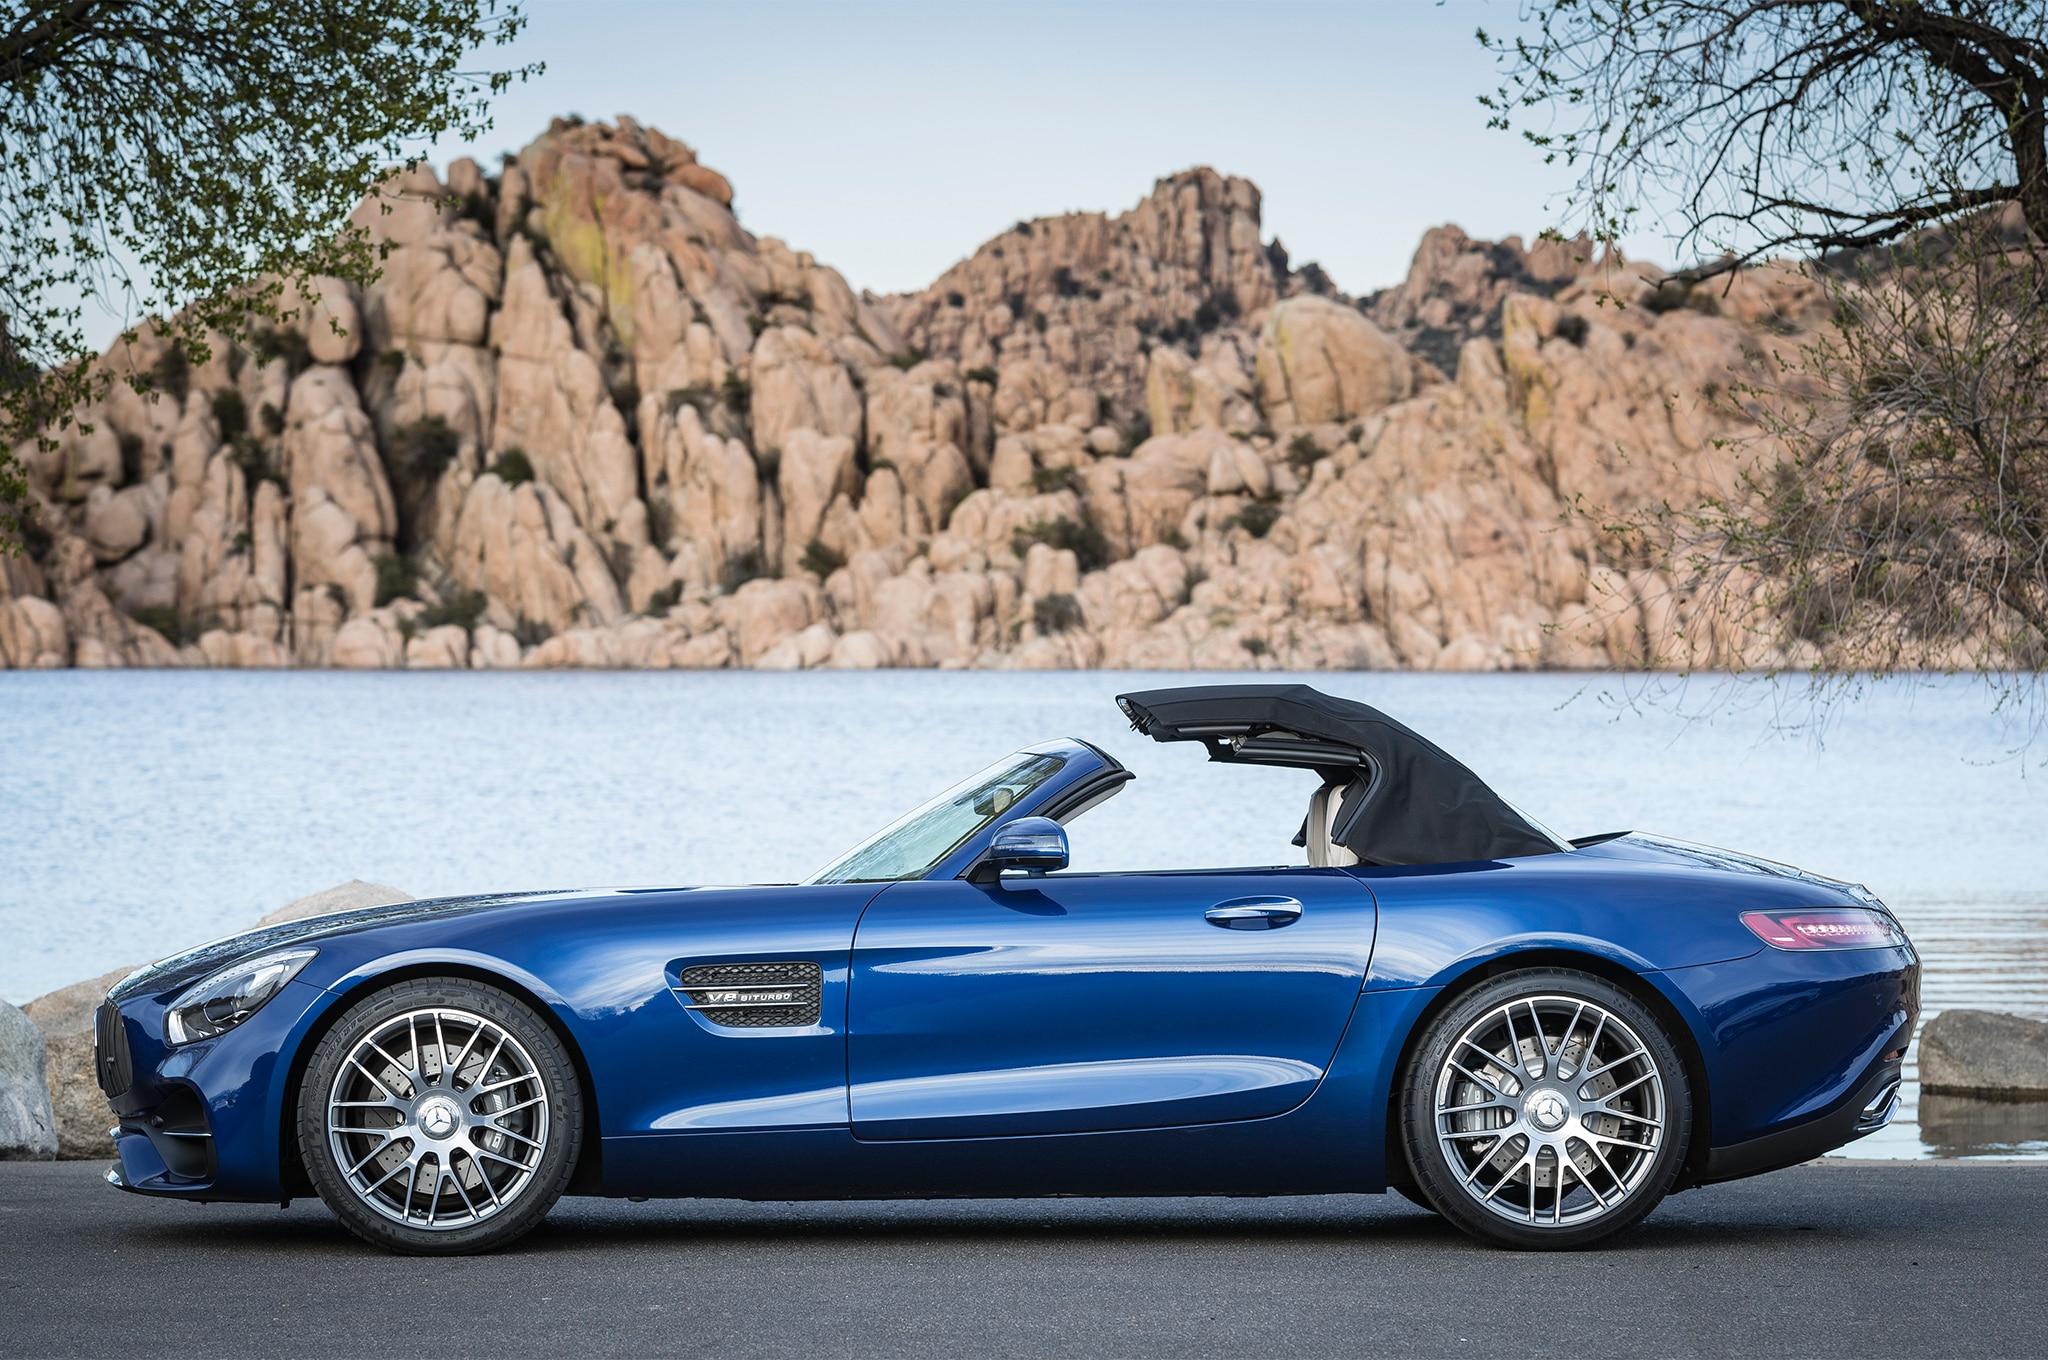 https://st.automobilemag.com/uploads/sites/11/2017/04/2018-Mercedes-AMG-GT-Roadster-side-top-up.jpg